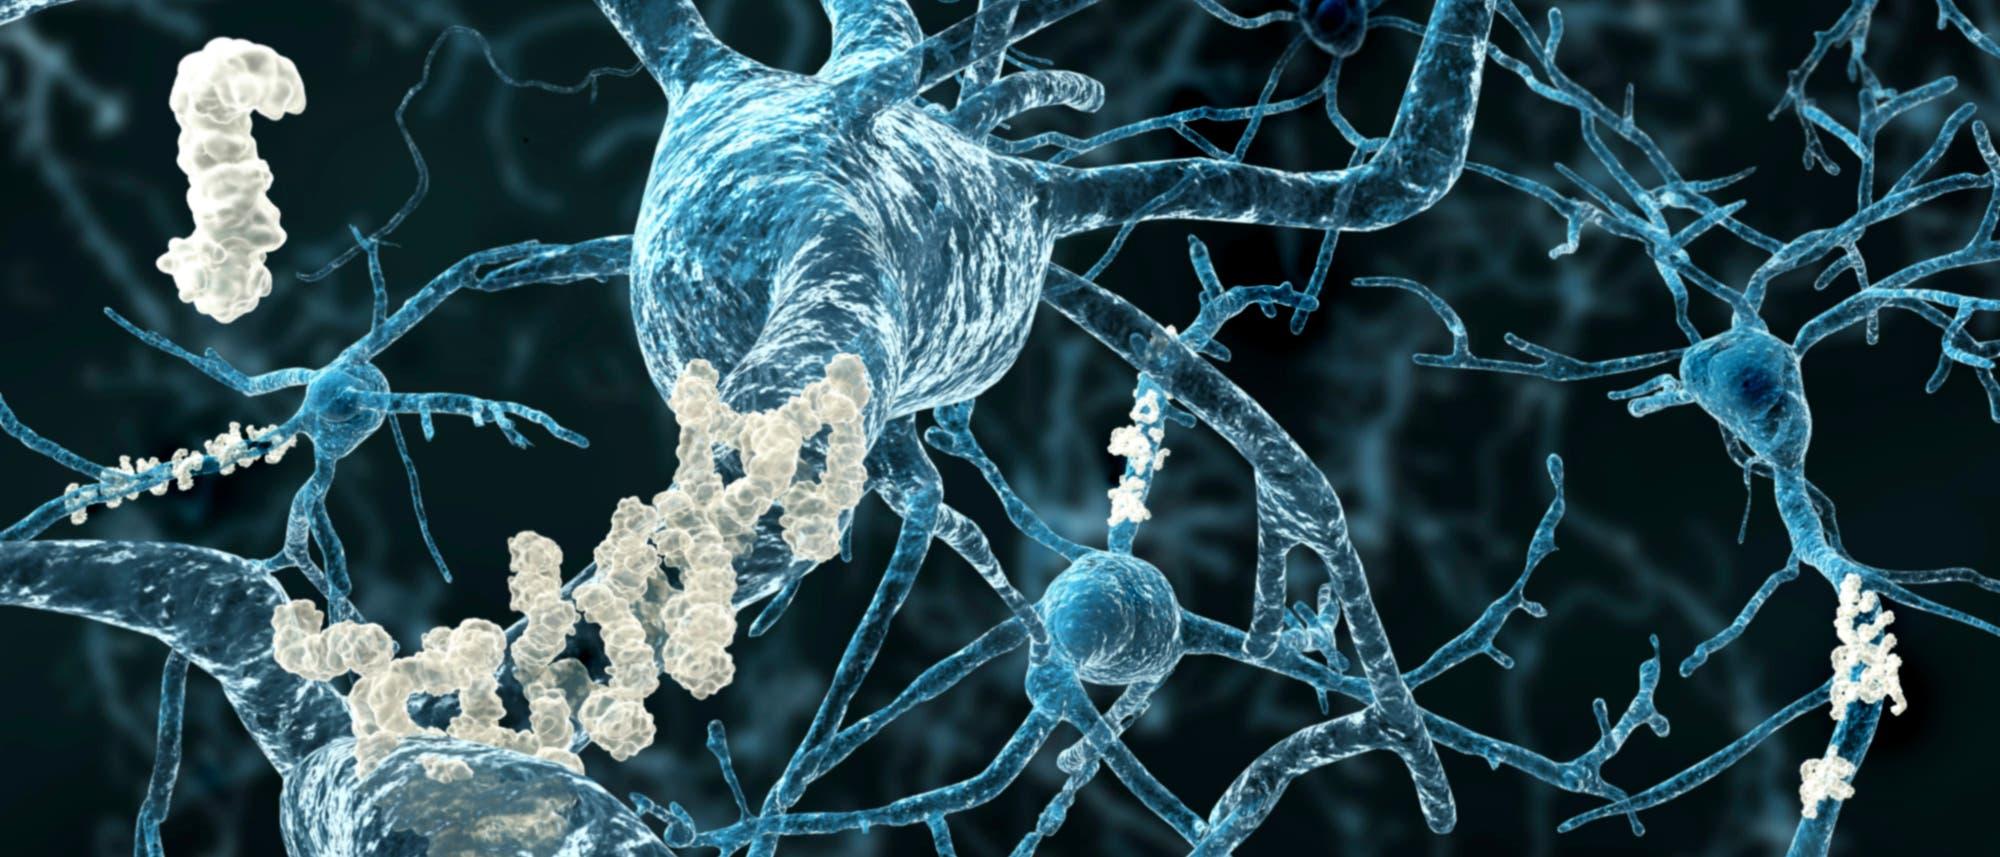 Alzheimer: Plaques zwischen Neuronen